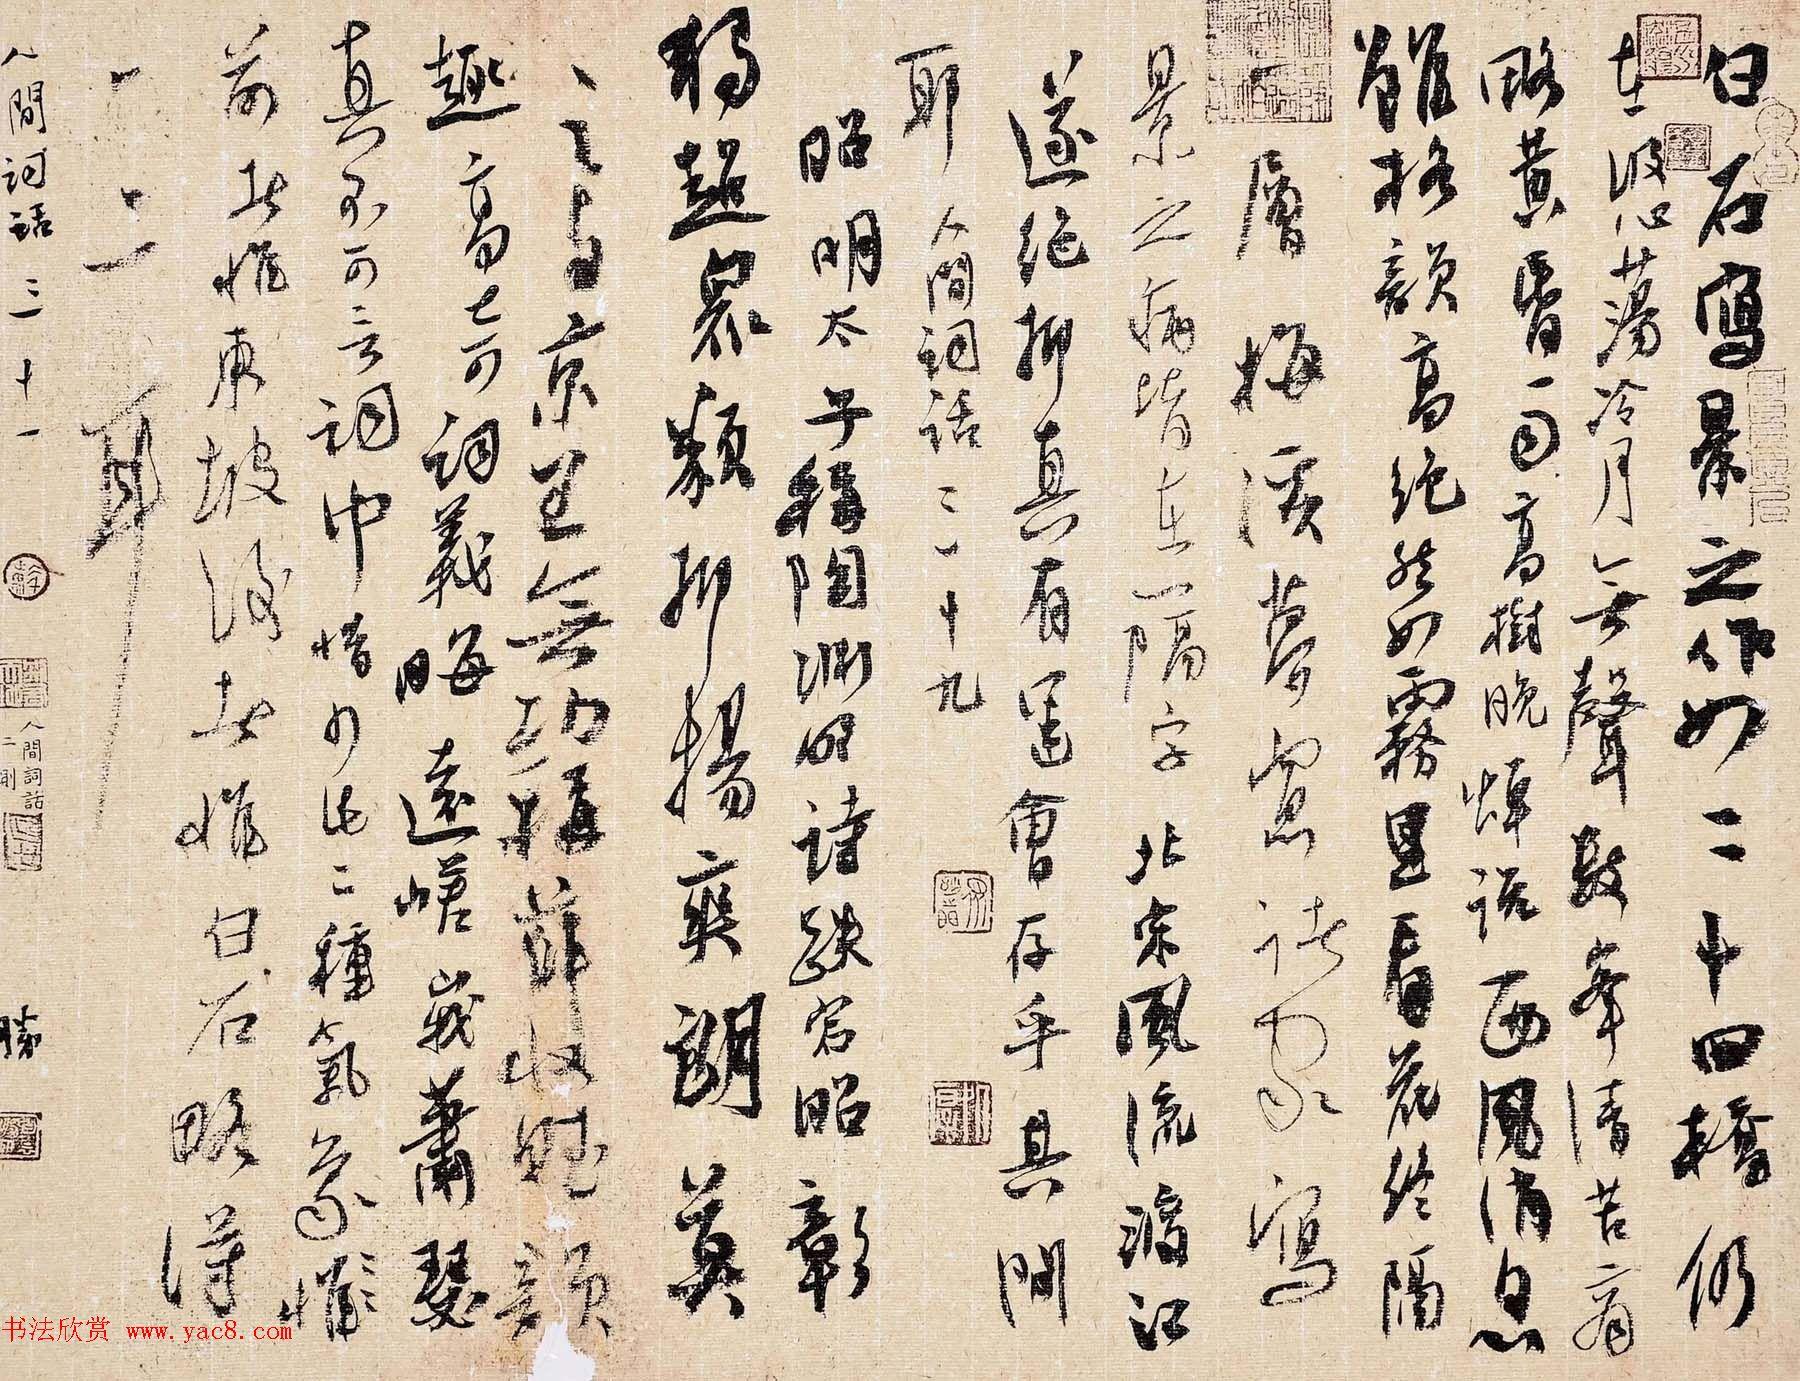 河北李国胜行草书法作品欣赏 第2页 毛笔书法 书法欣赏